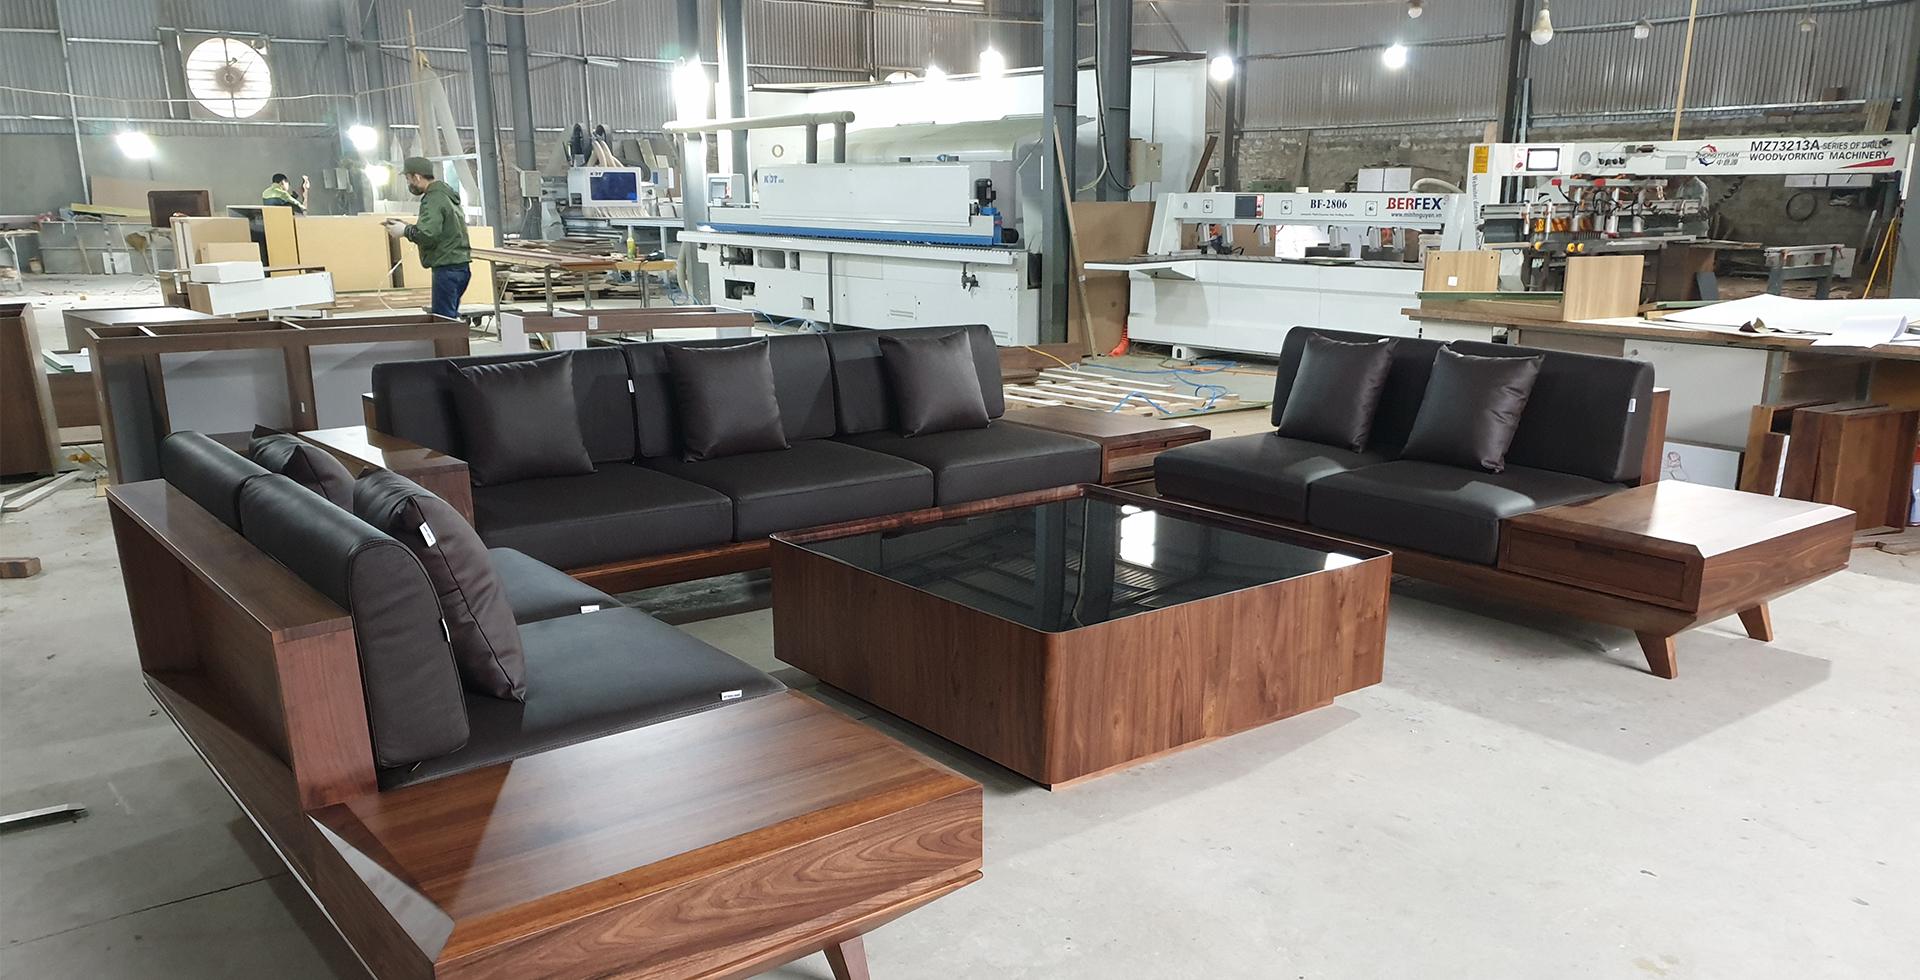 Đặt sofa gỗ ở đâu uy tín và chất lượng tại Hà Nội